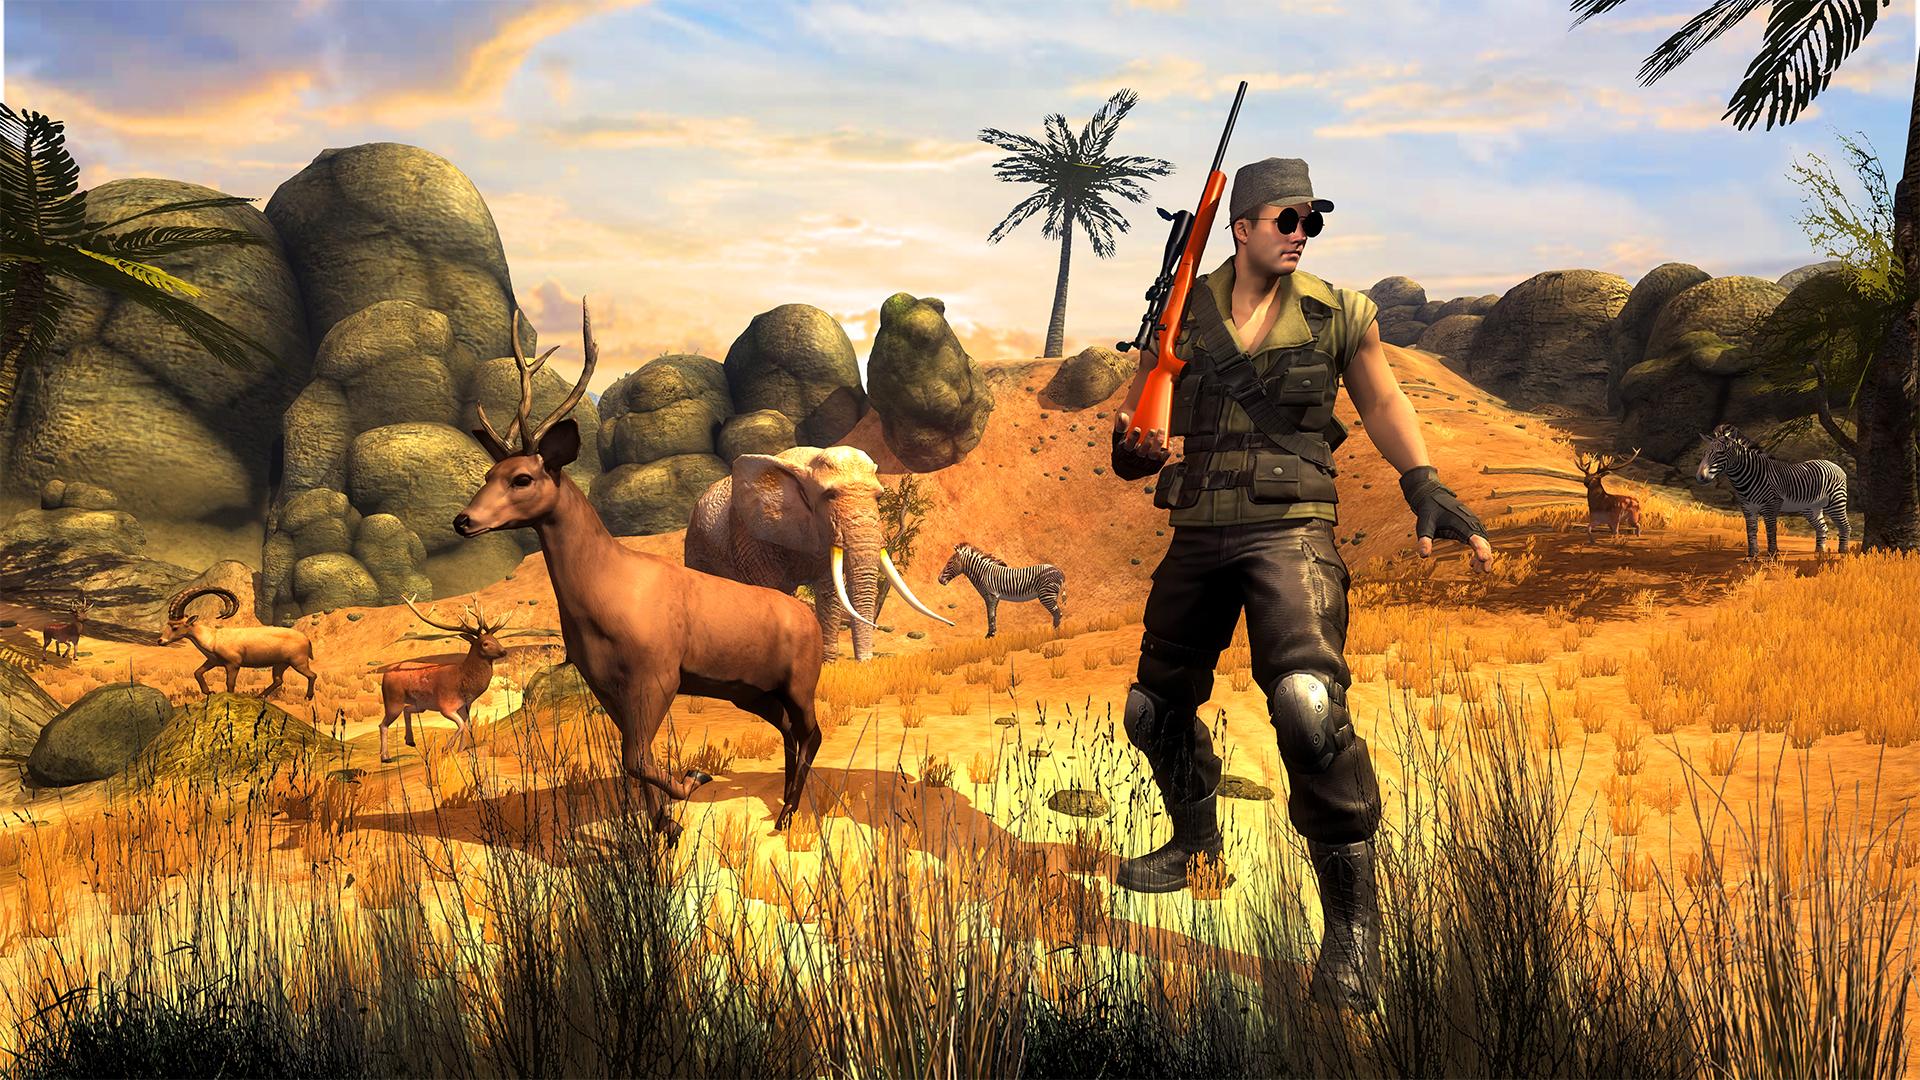 Amazon.com: Deer Hunter Free Online Games 2019: Shooting